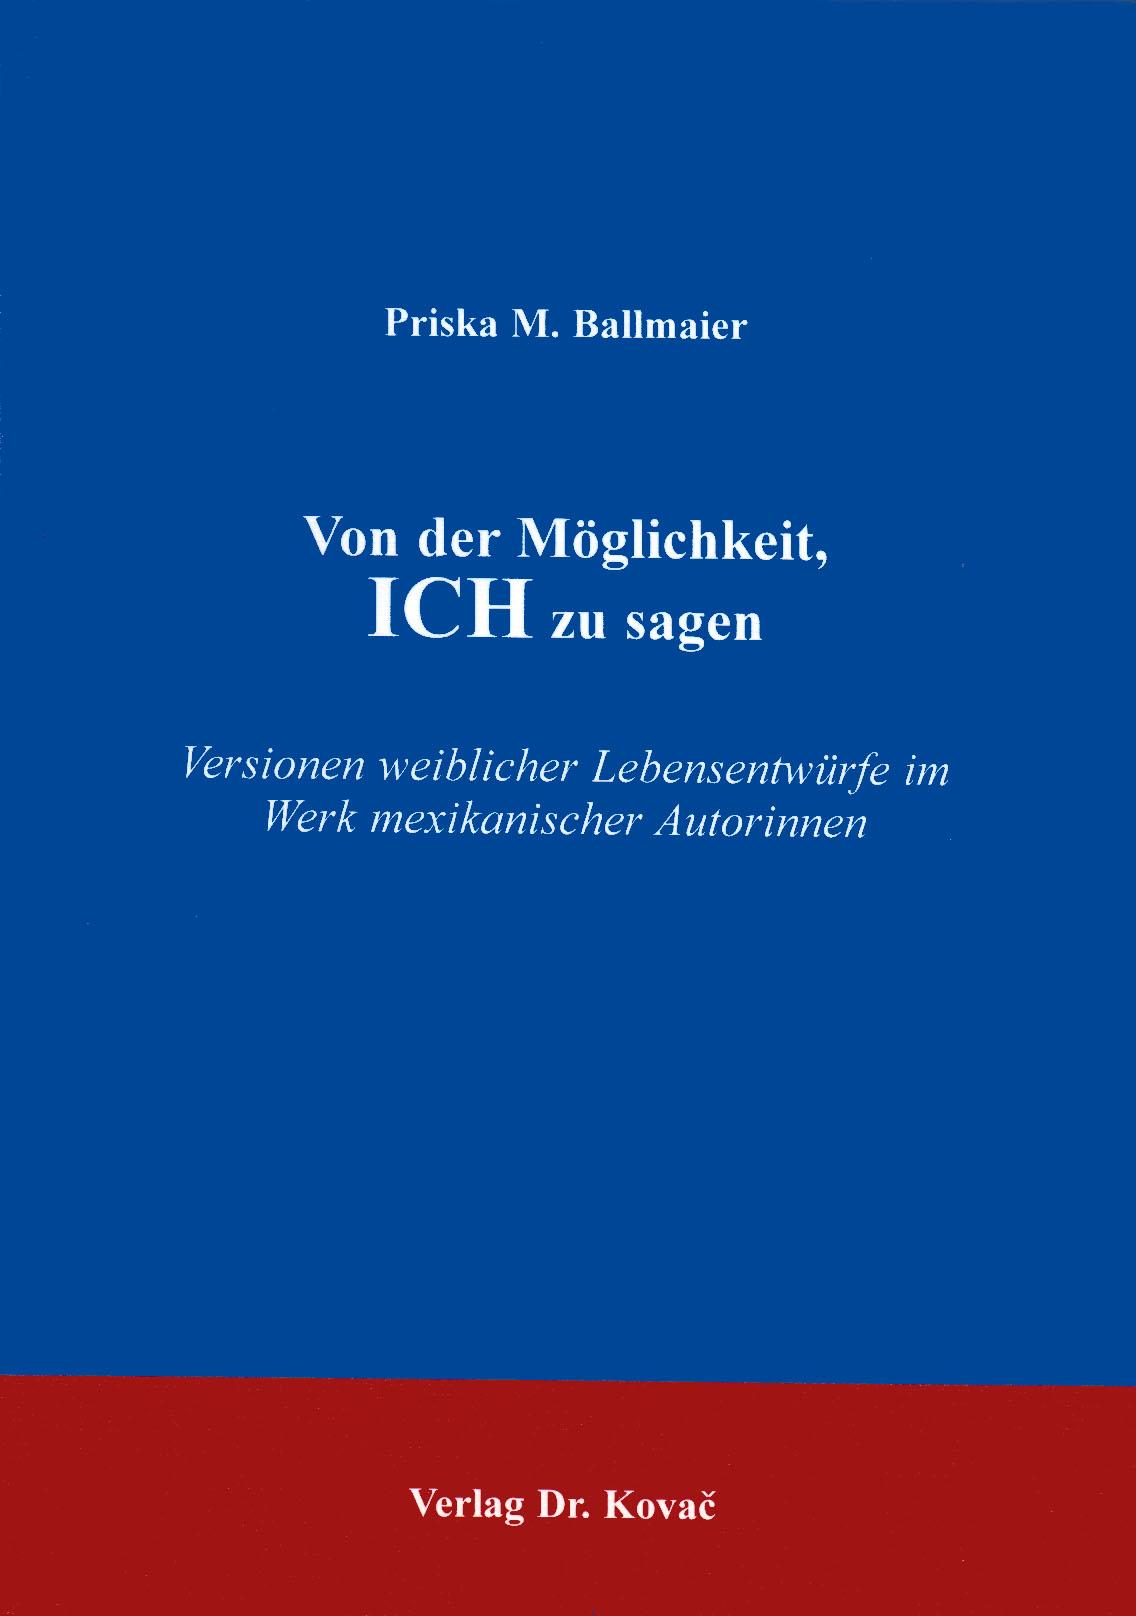 Cover: Von der Möglichkeit, ICH zu sagen